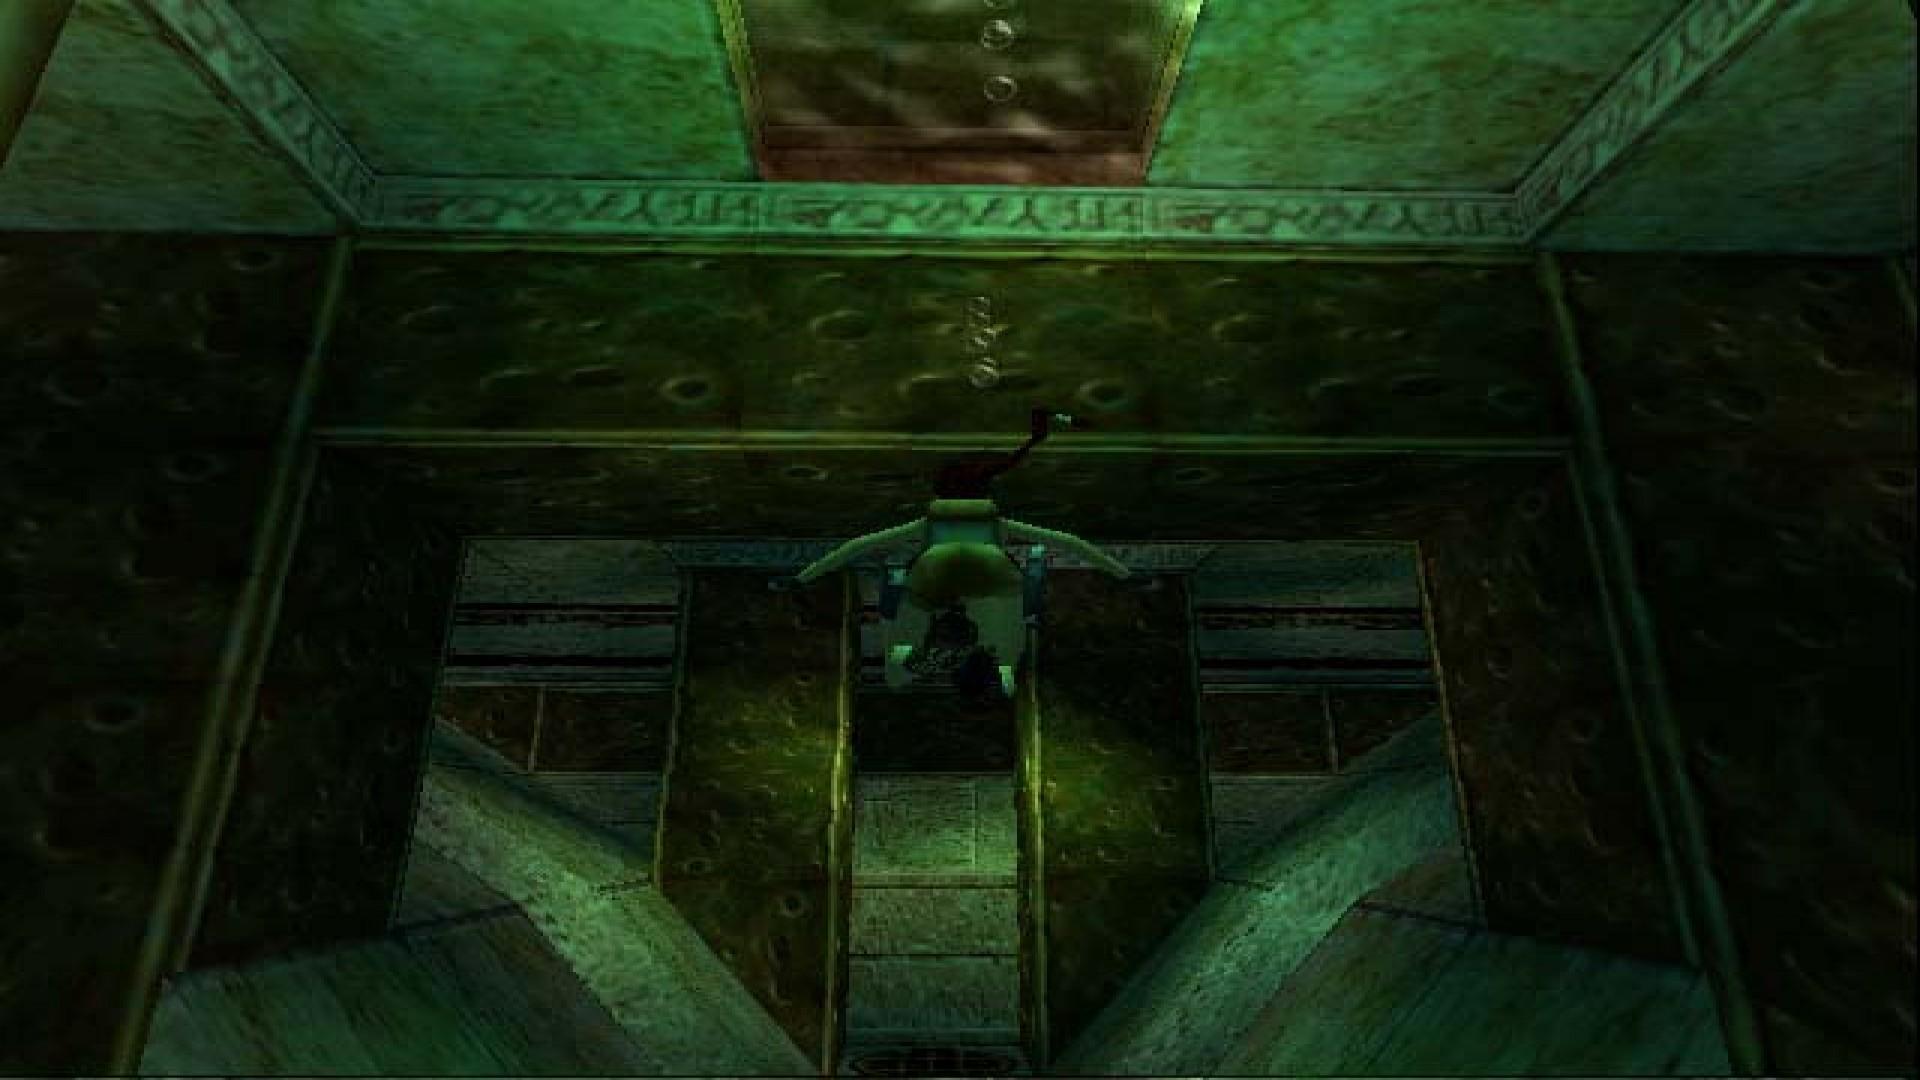 تحميل لعبة تومب رايدرالجزء الرابع - Tomb Raider: The Last Revelation